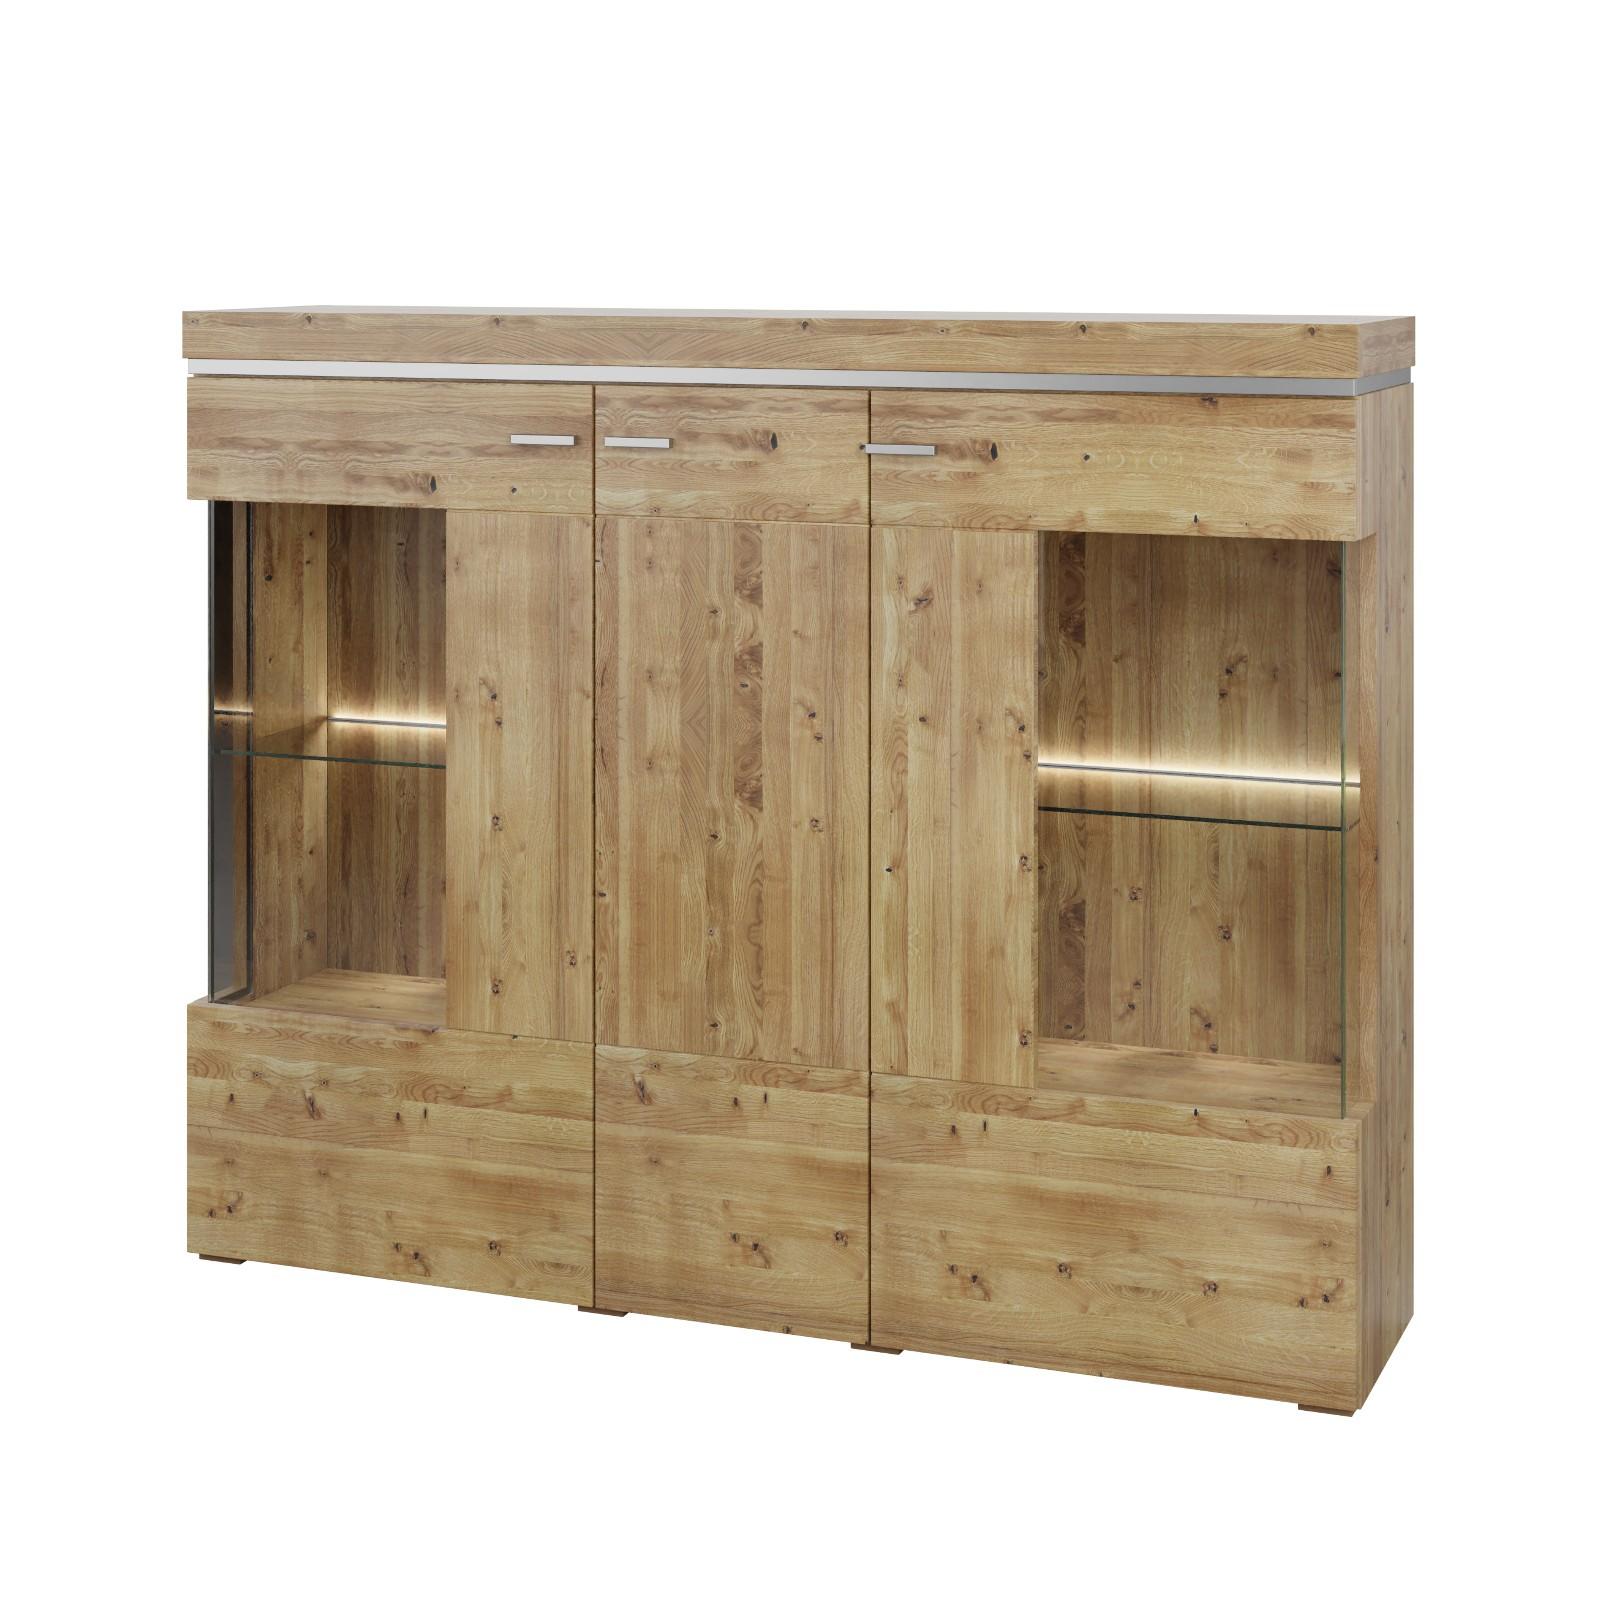 Andere Highboard BASEL  Farbe Natur Asteiche, Eiche, Wildeiche Massivholz / Teilmassiv Breite 148,6 cm